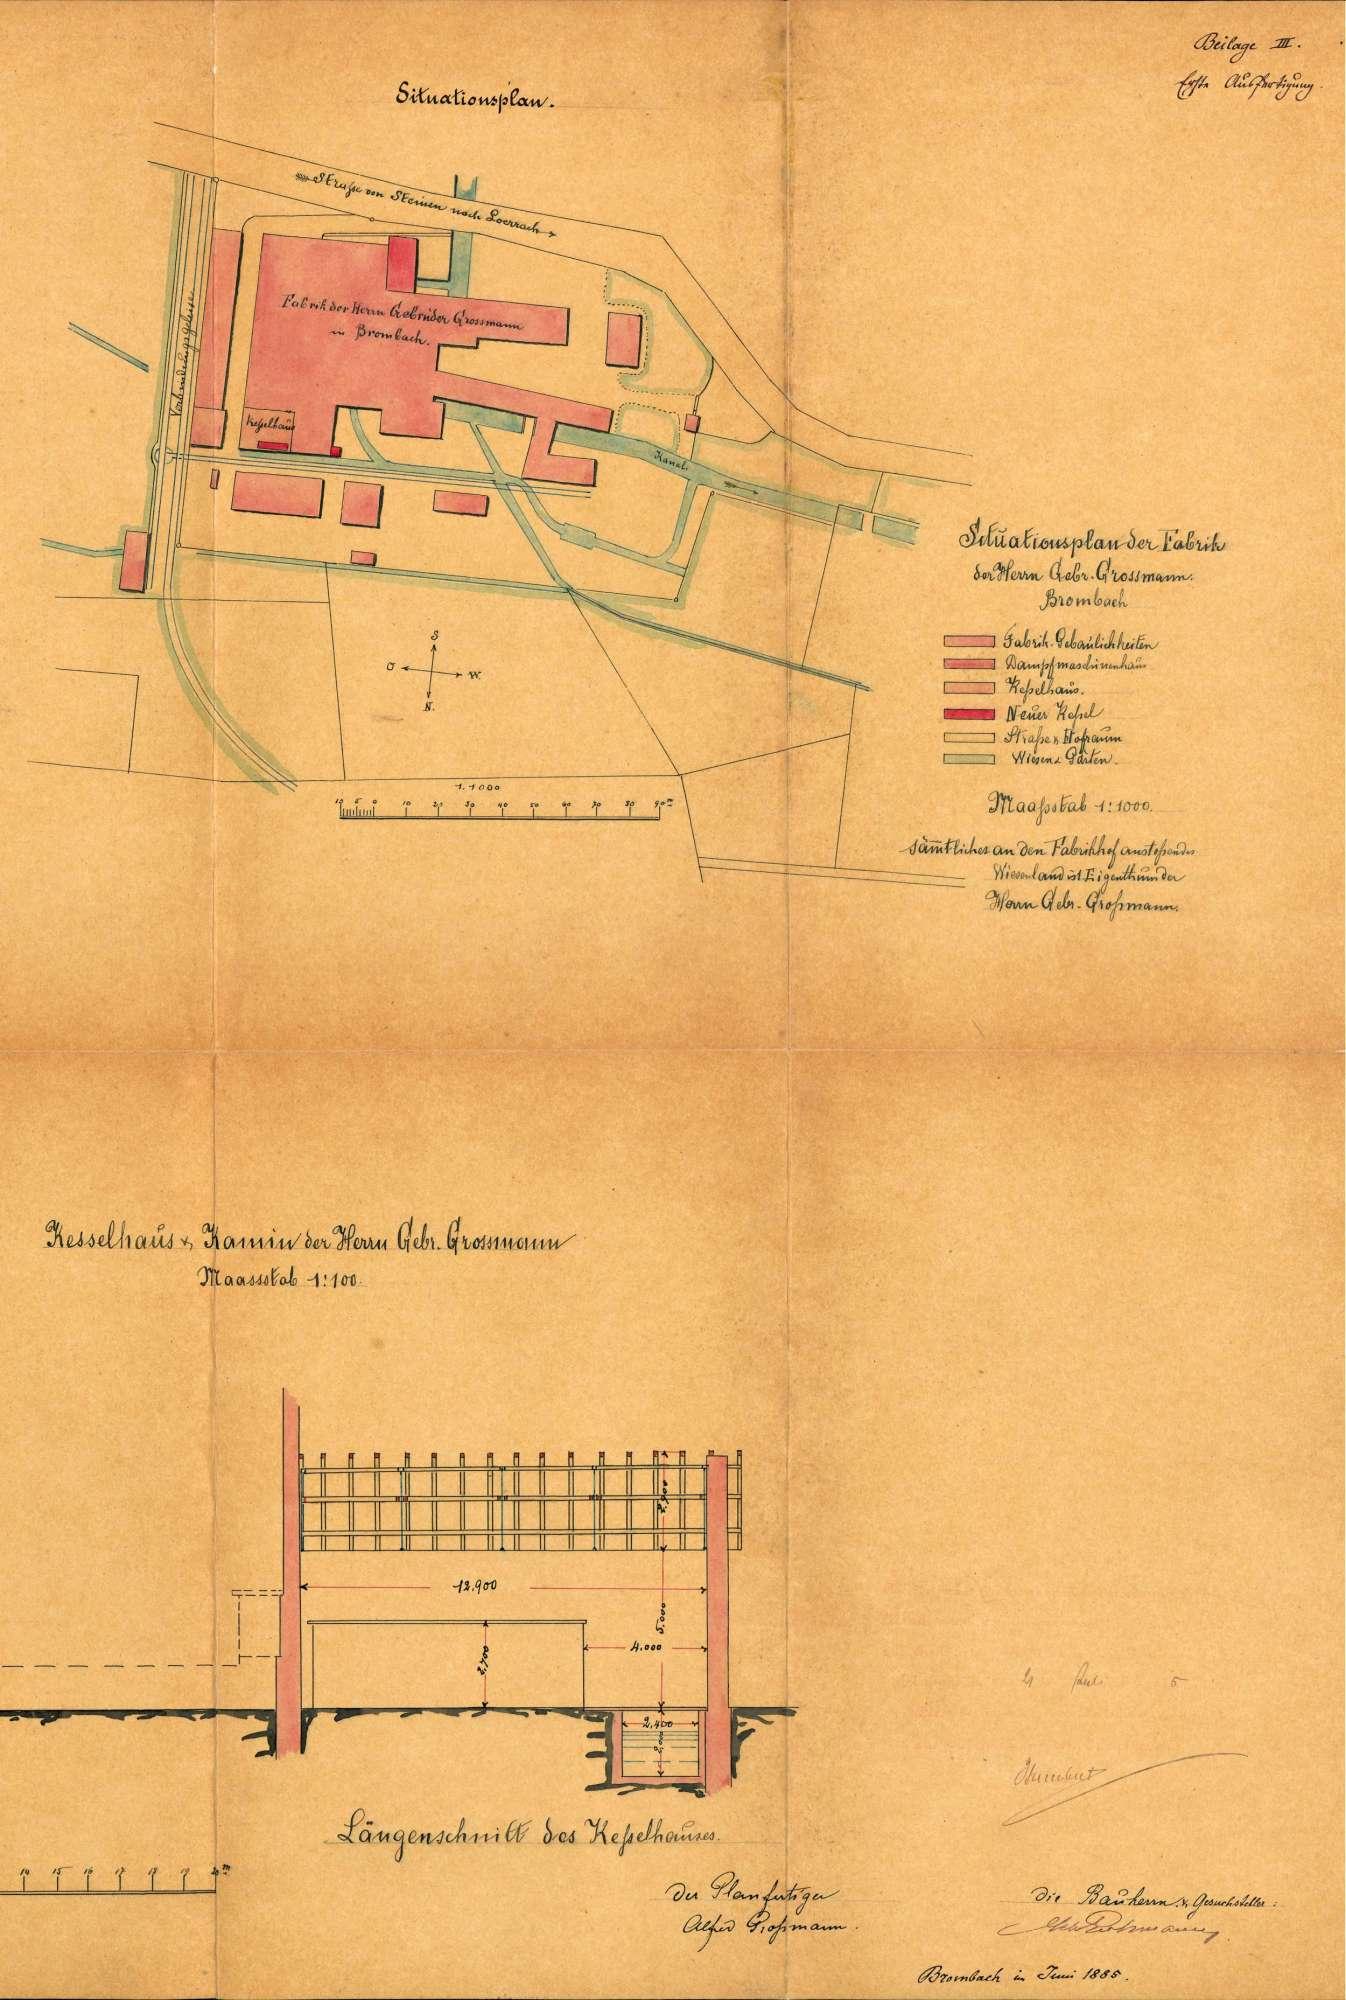 Gesuch der Fa. Gebrüder Großmann in Brombach um Erlaubnis zur Anlegung eines Dampfkessels, Bild 3